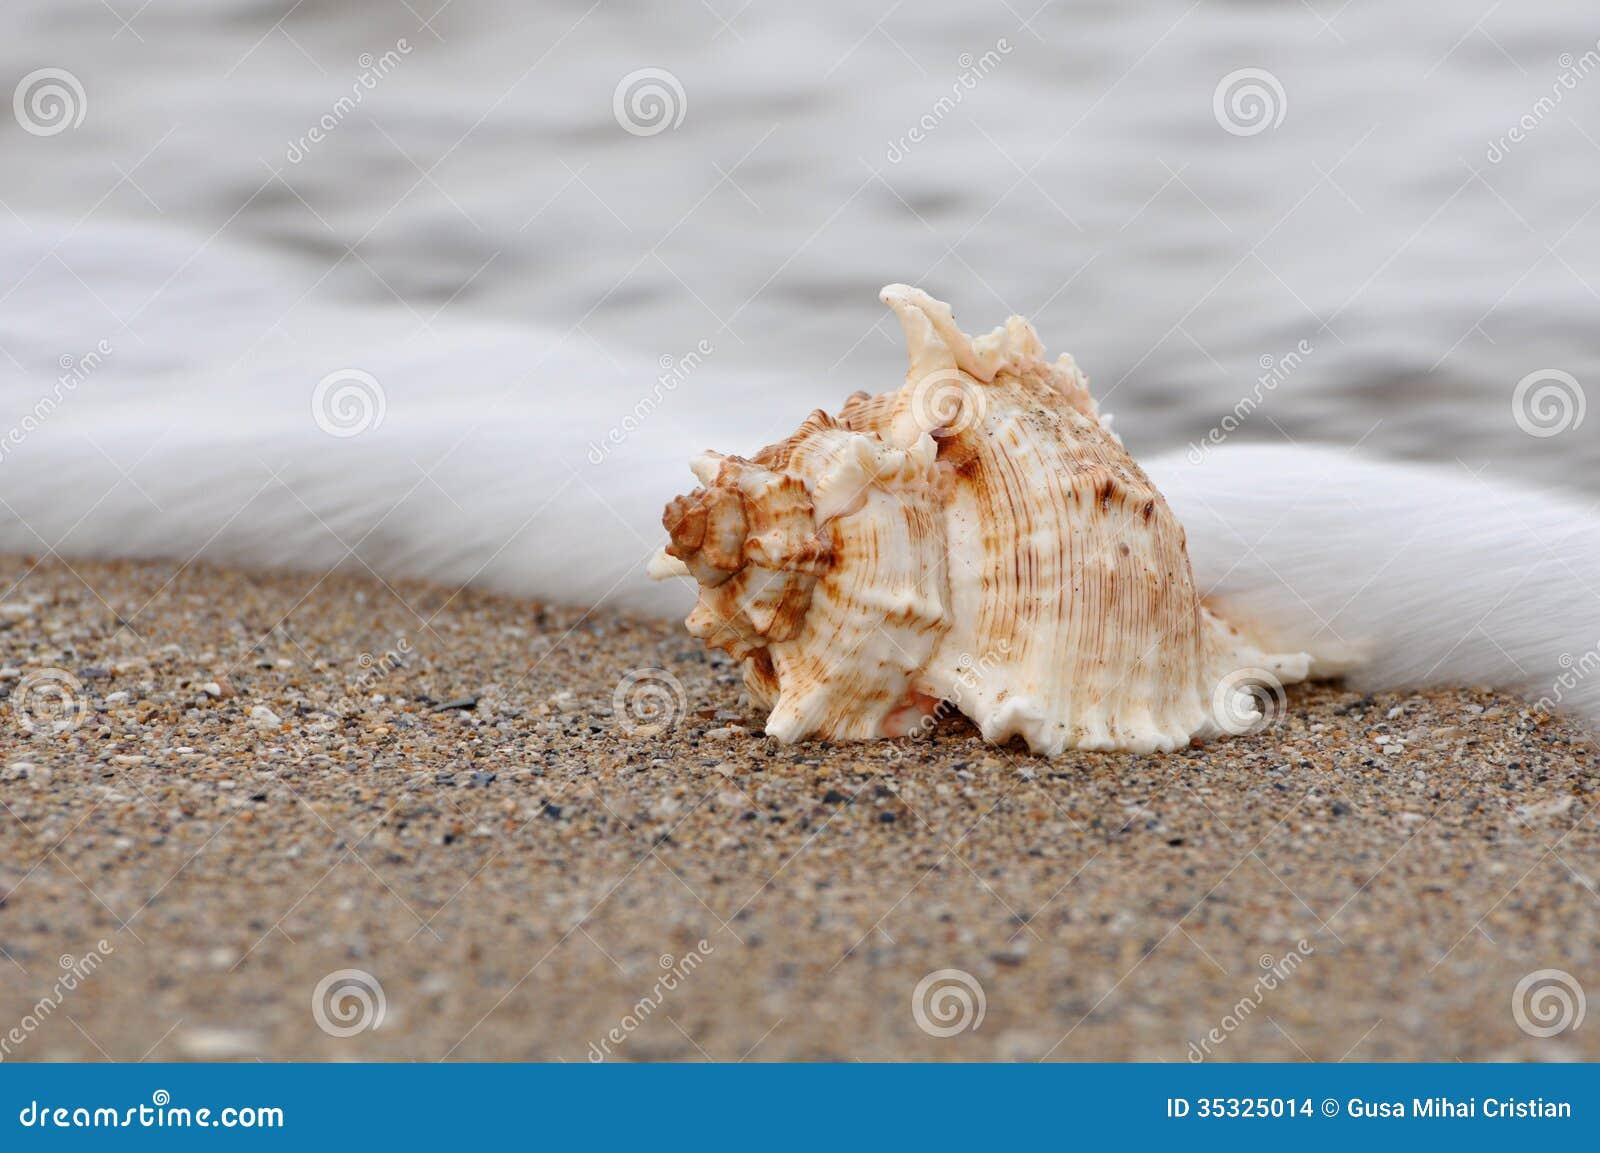 The Mollusk Dusk